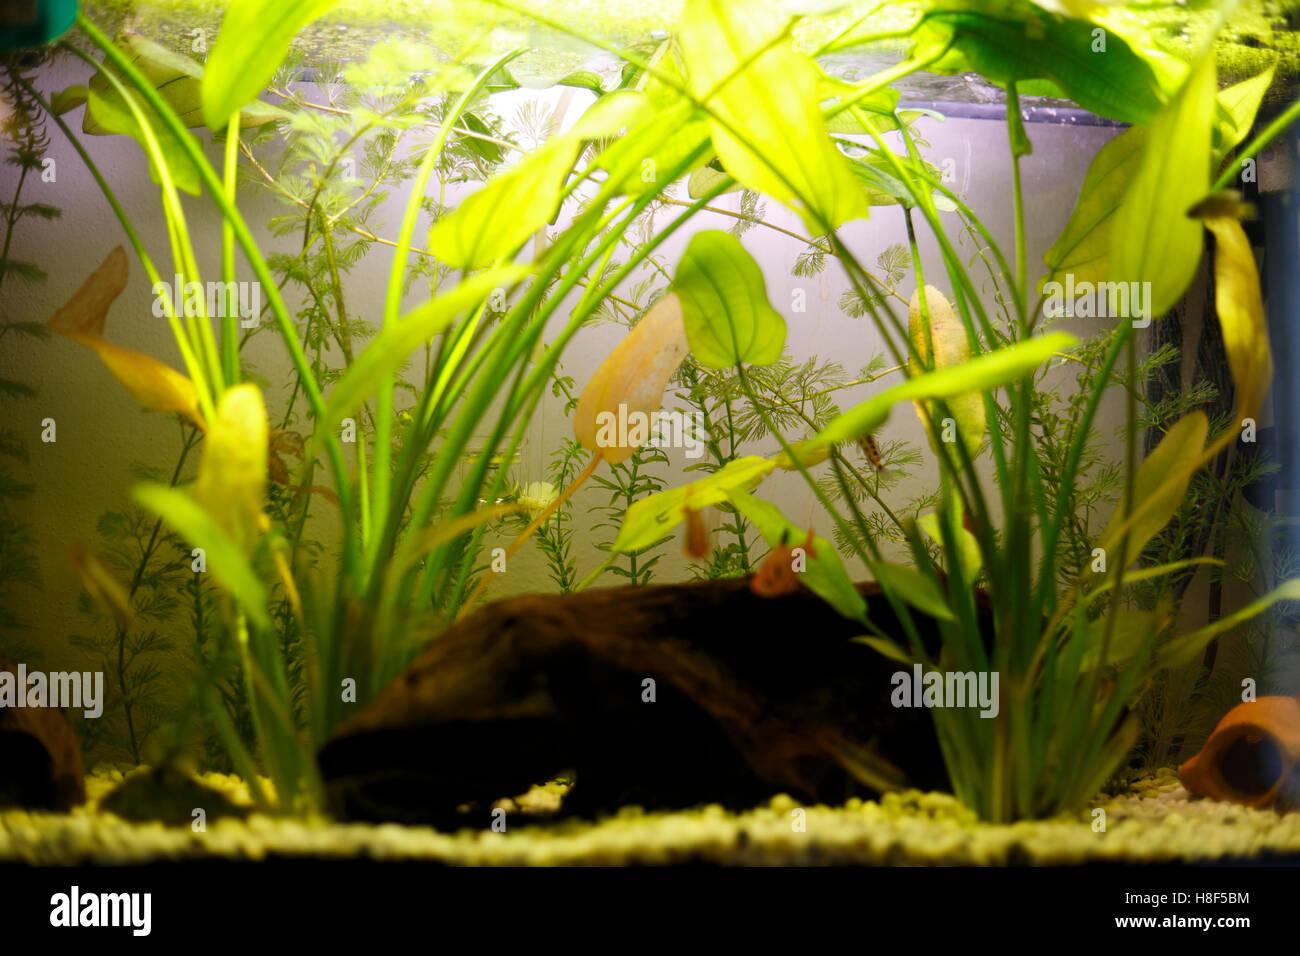 Aquarium Plants Stock Photos & Aquarium Plants Stock Images - Alamy